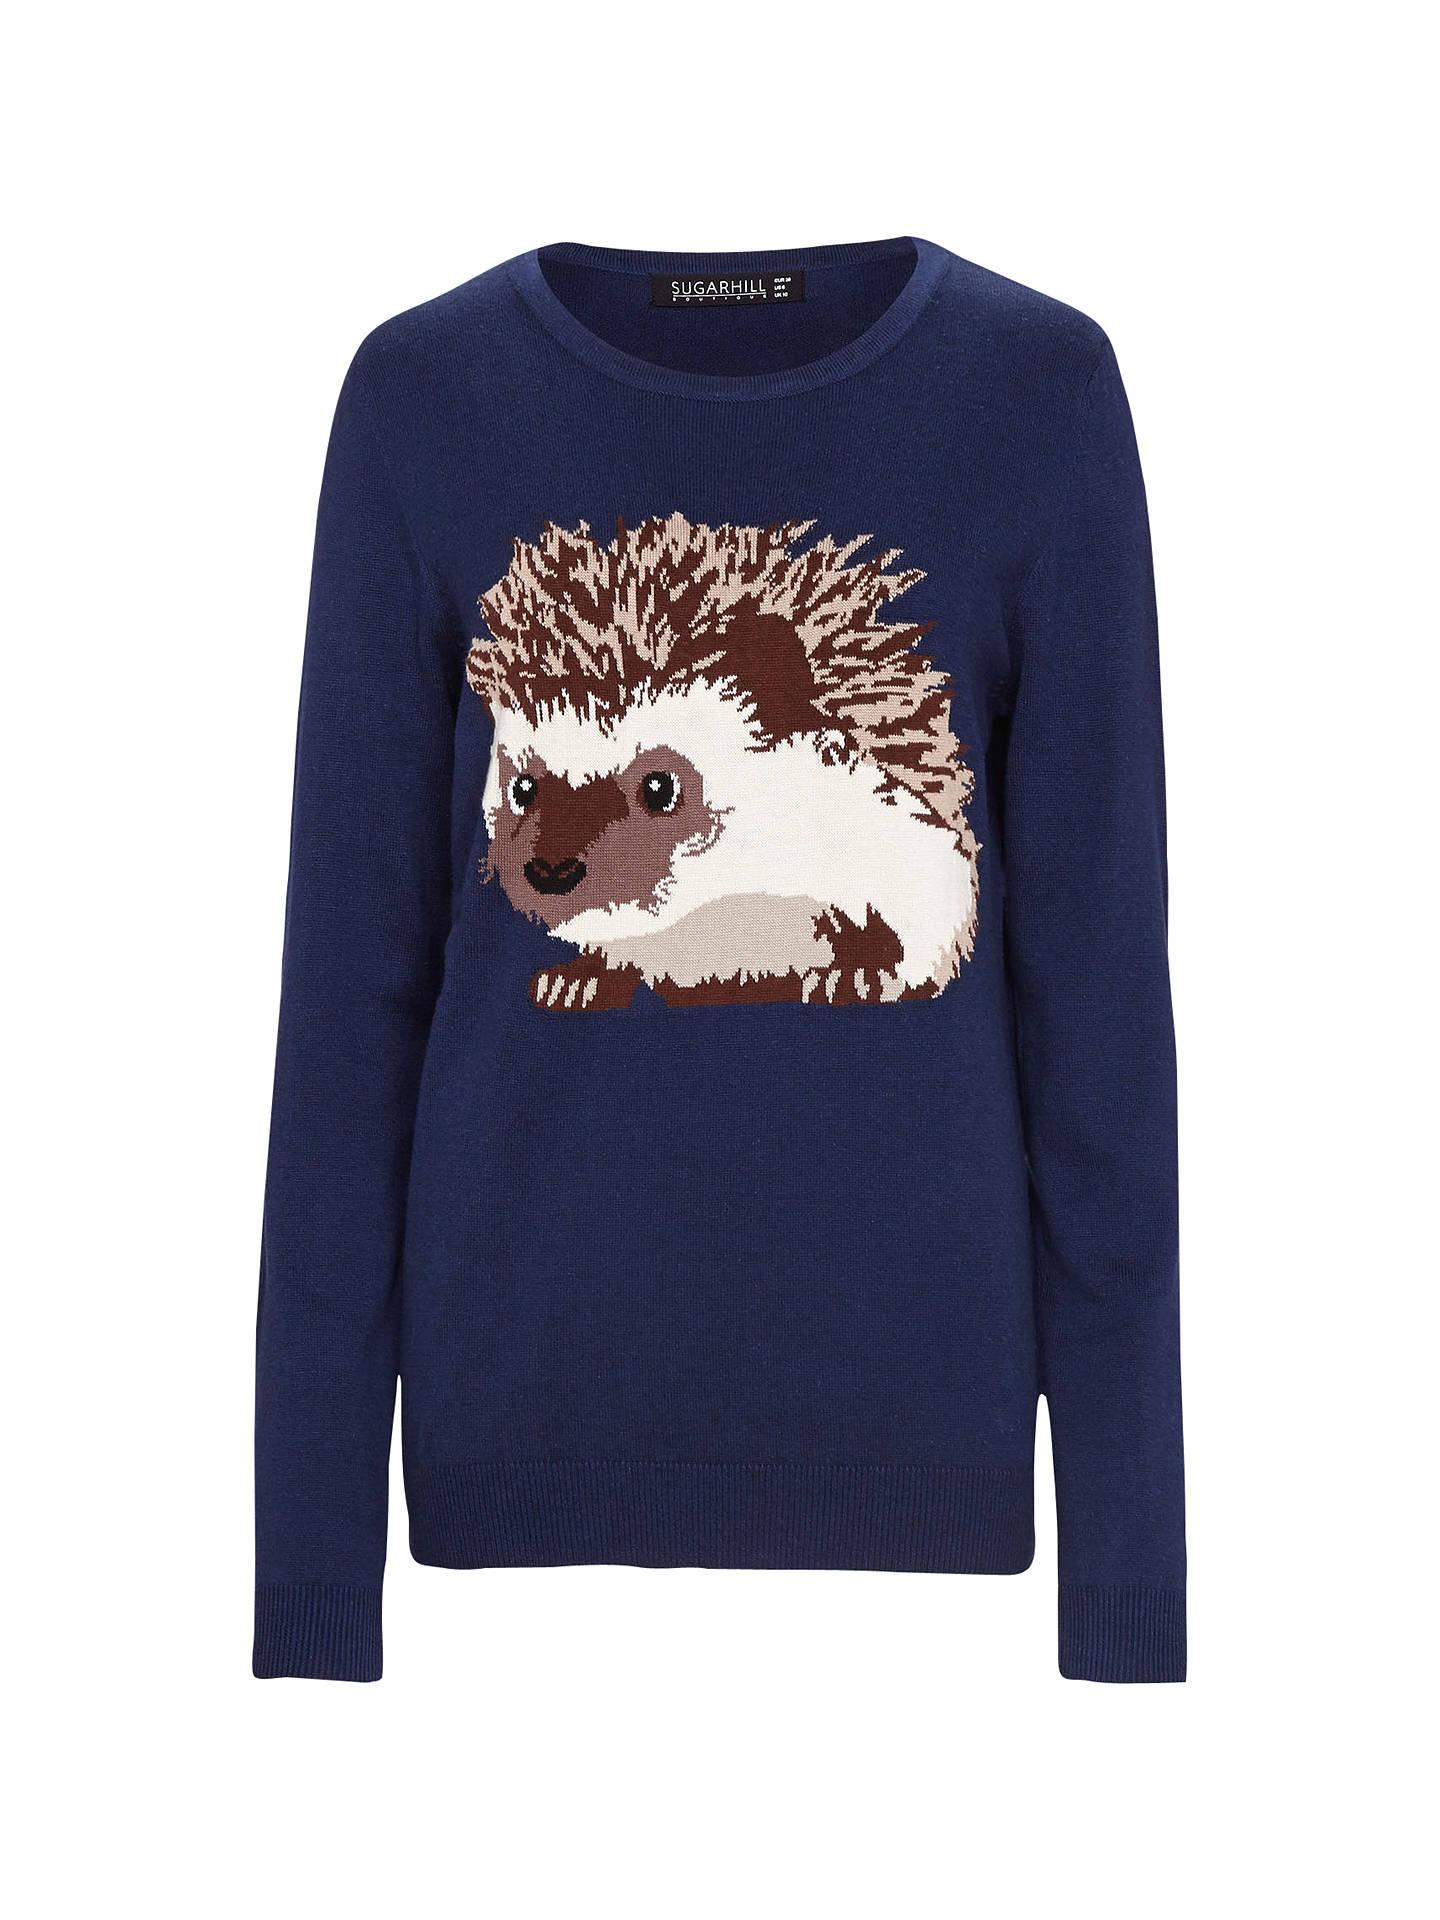 Hedgehog Christmas Jumper.Sugarhill Boutique Hedgehog Jumper At John Lewis Partners